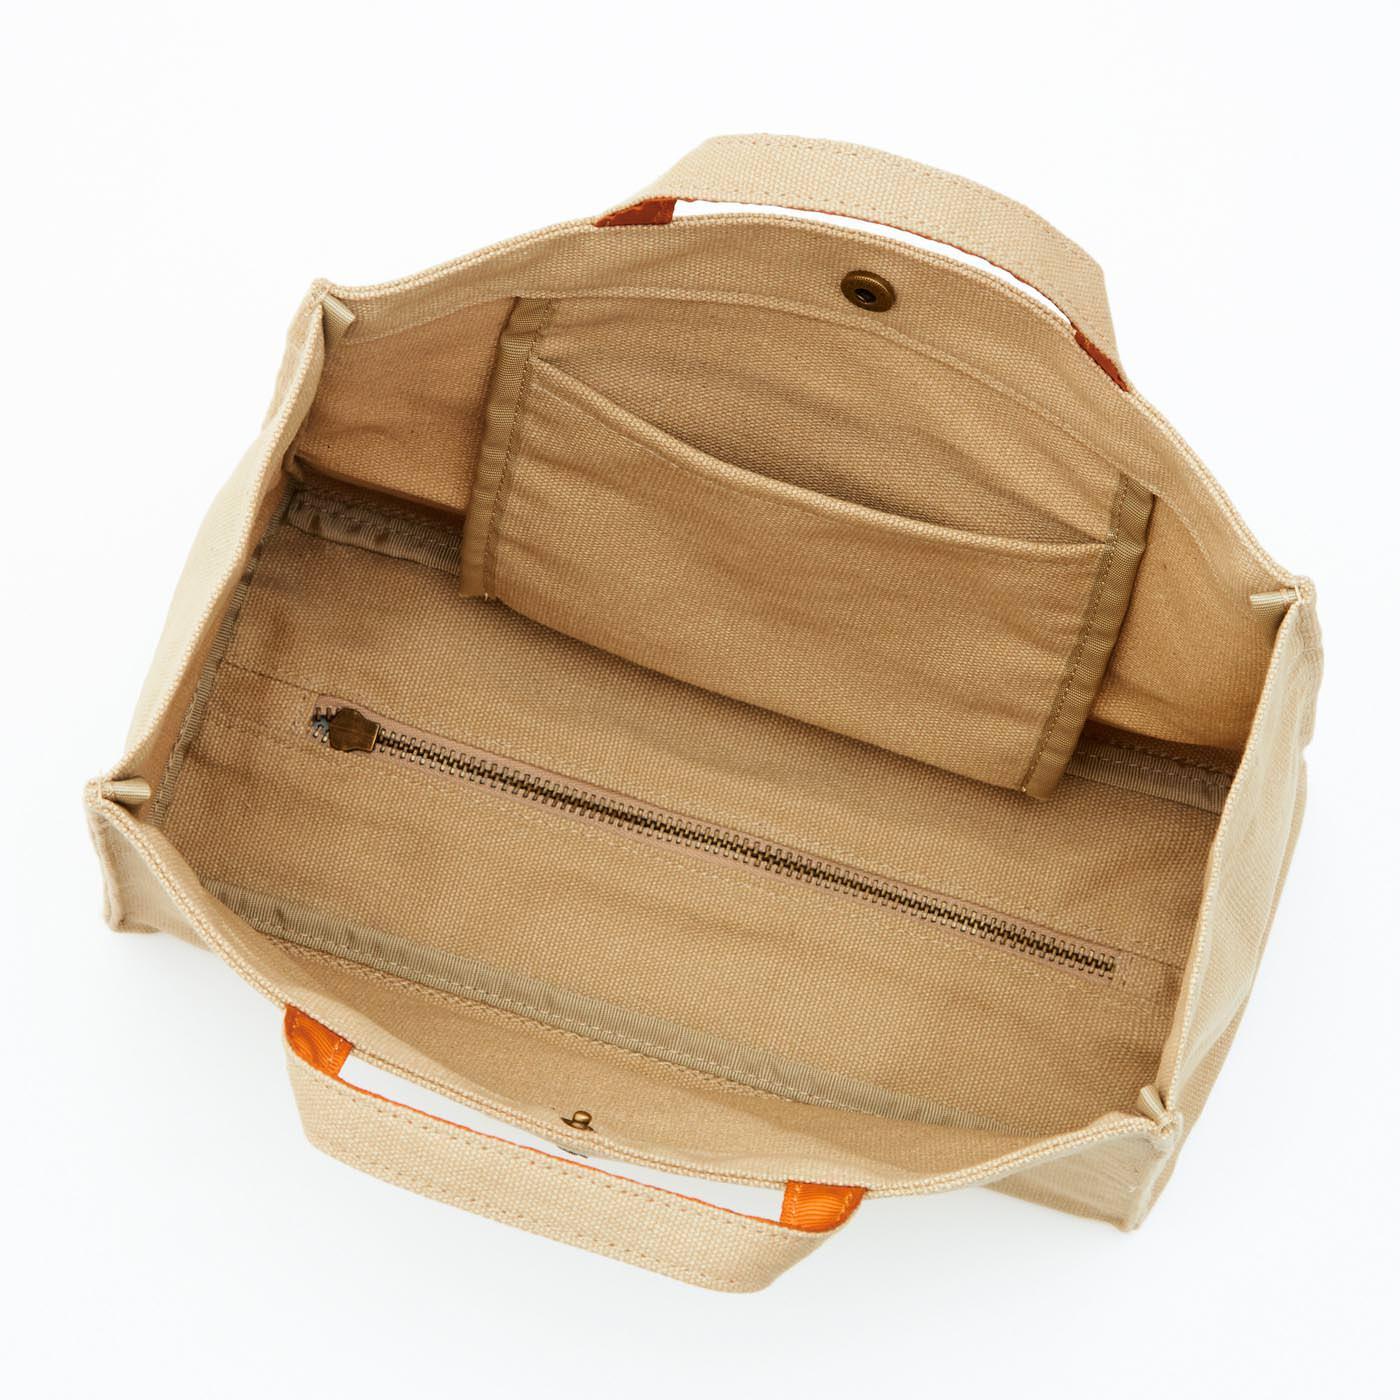 こまごま物も収納できる便利な内ポケット付き。 底のファスナーが便利な秘けつ。開き具合いの調節ができます。